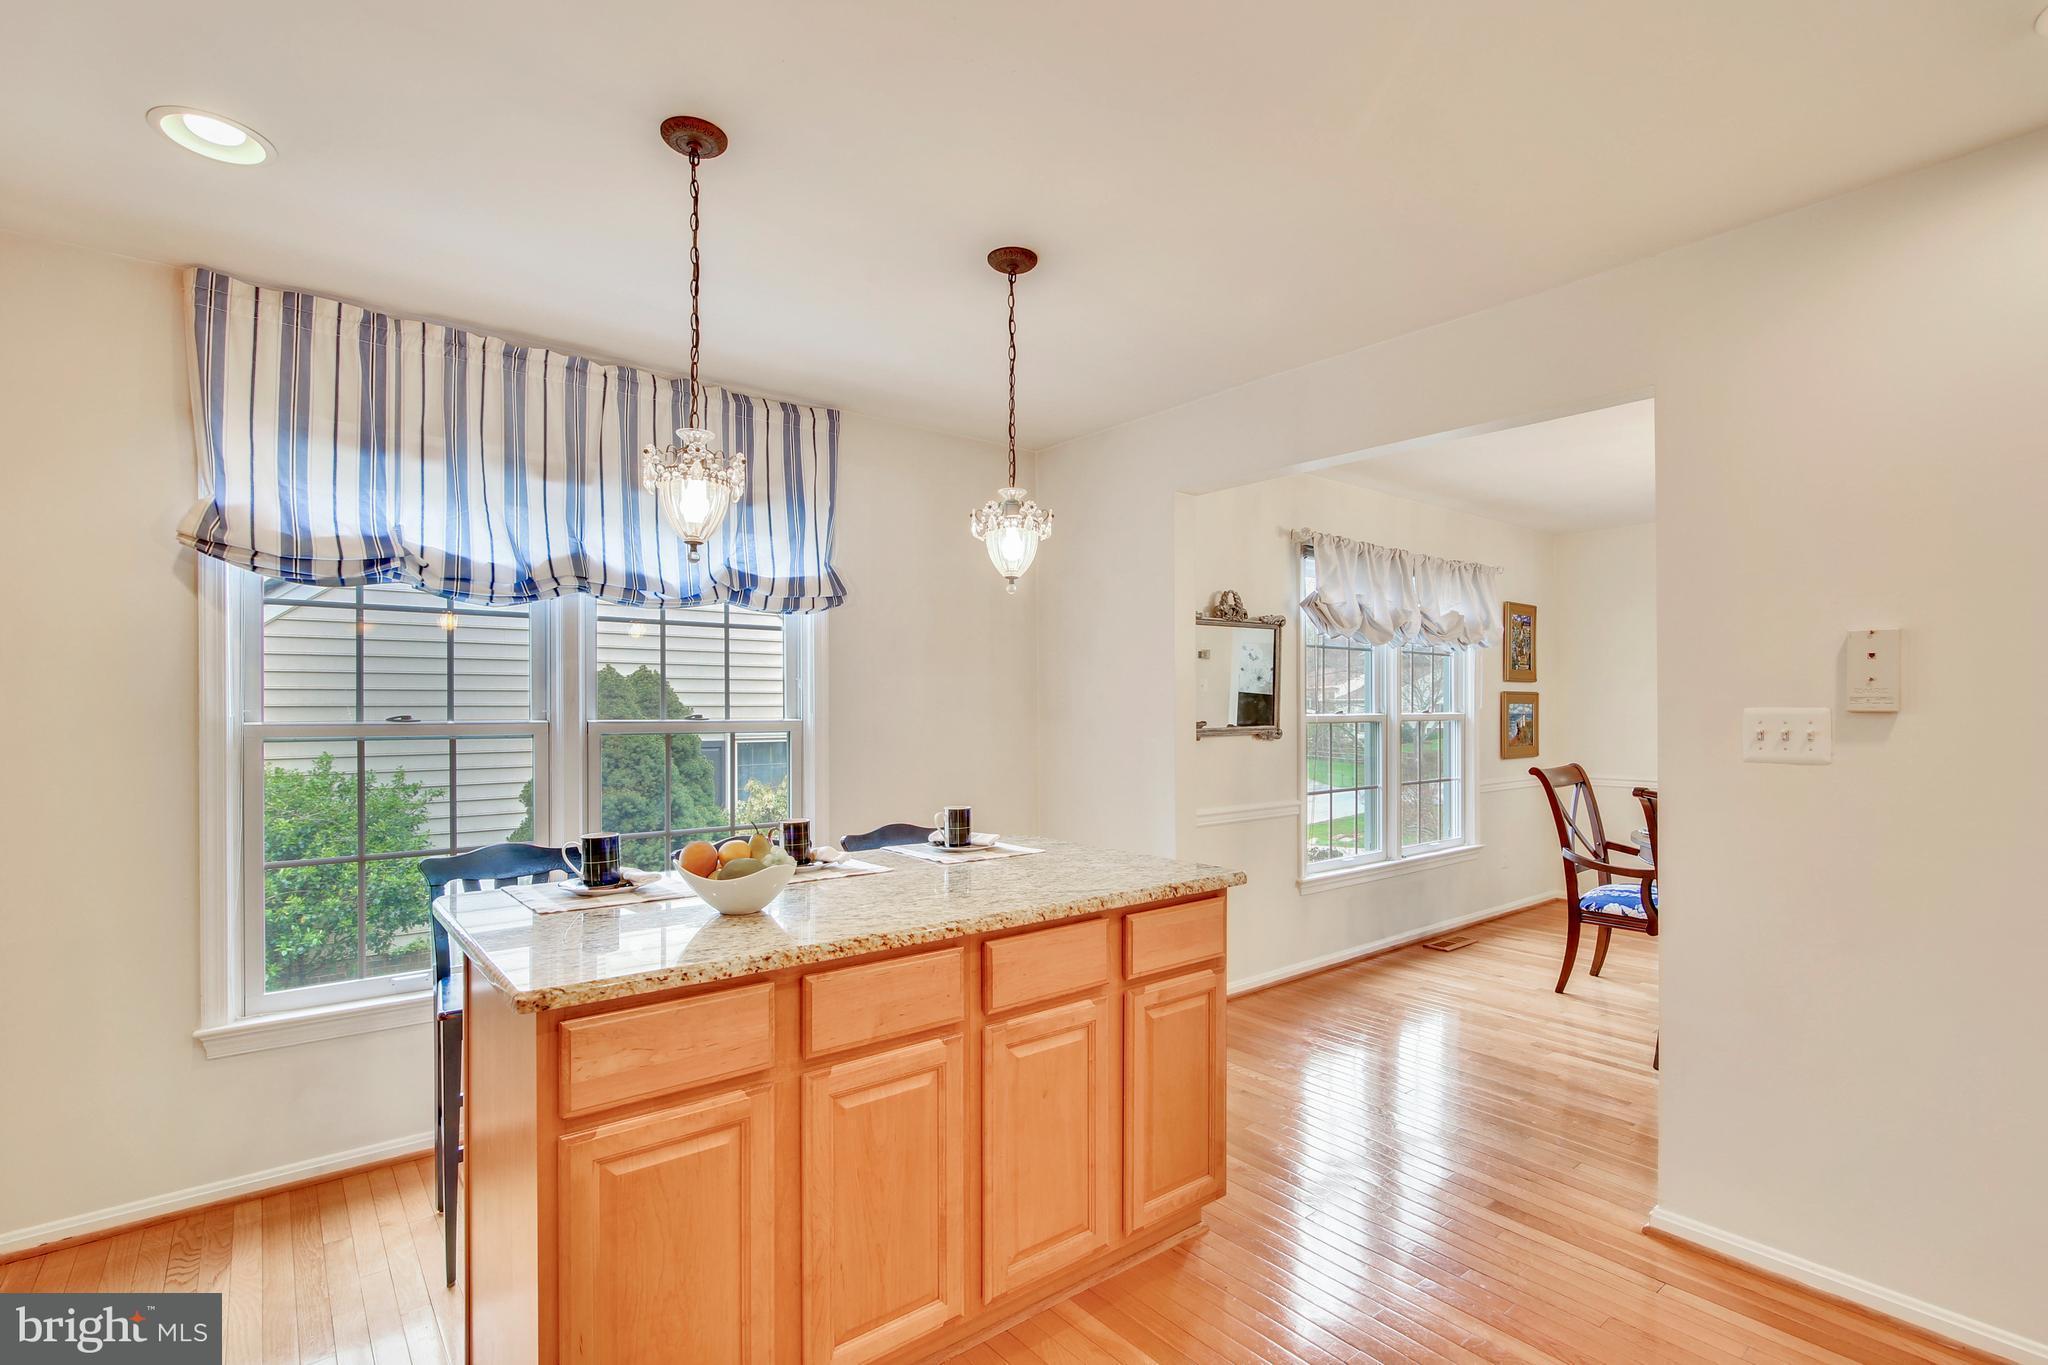 9840 DELLCASTLE RD, Montgomery Village, MD 20886 $484,000 www ...